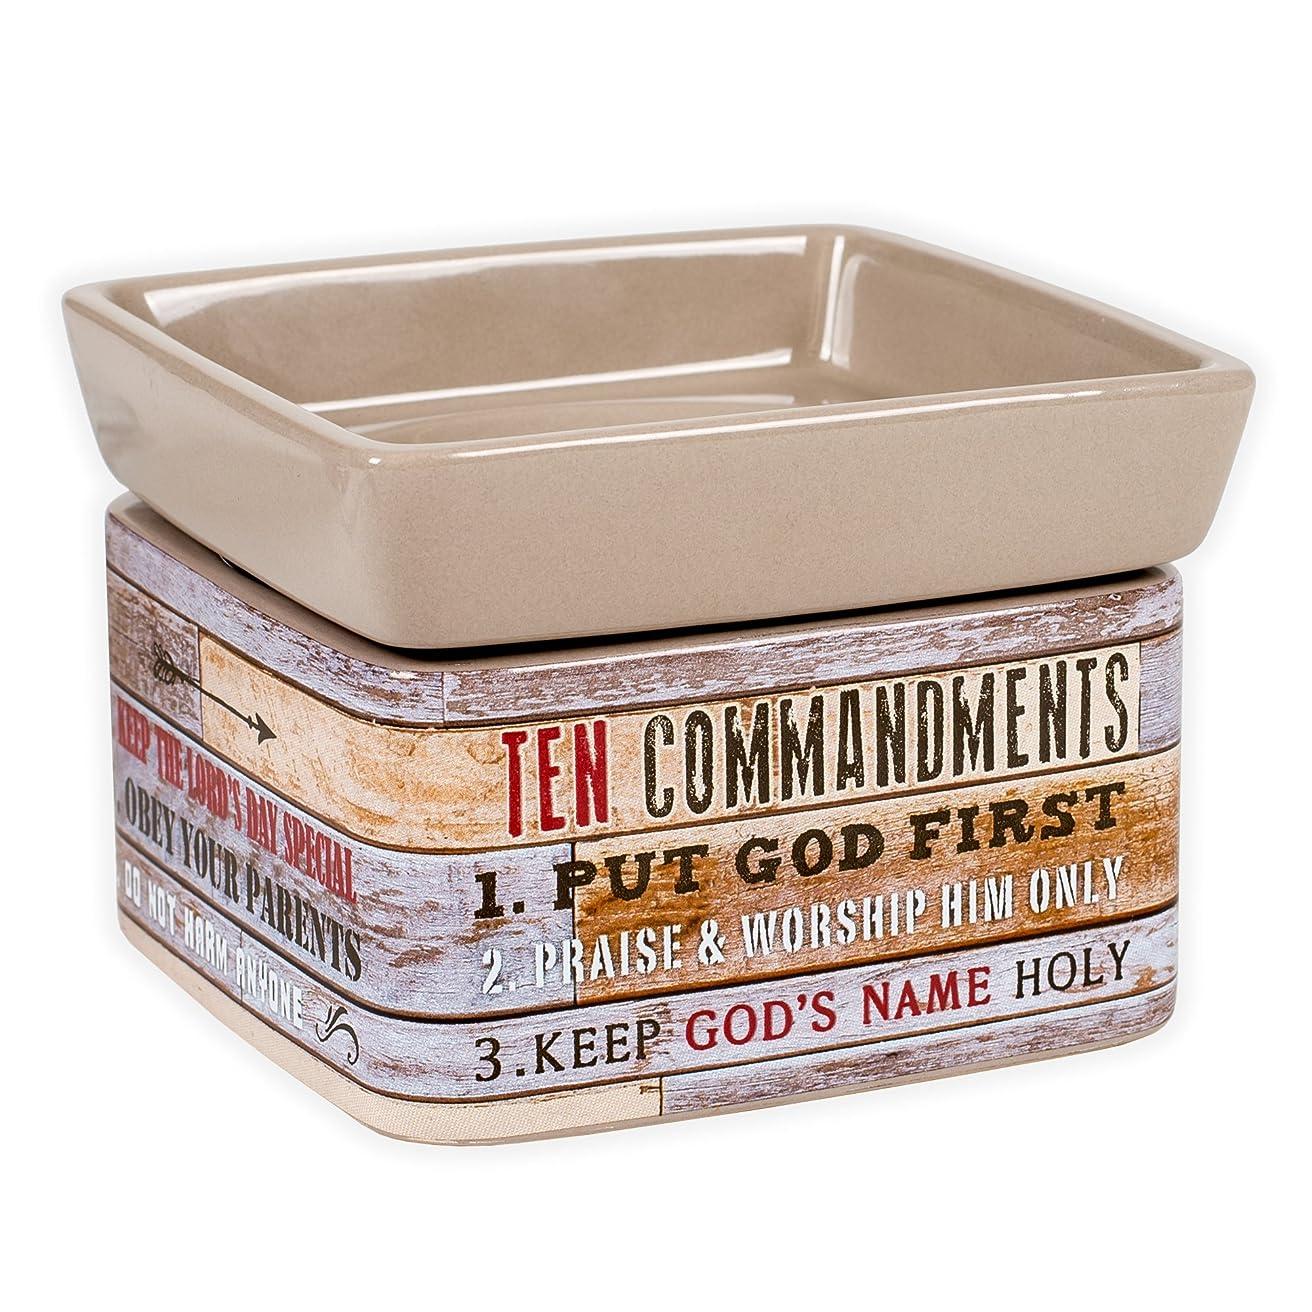 ささやきモスクうなるTen Commandments Pallet Wood Lookセラミックストーン2イン1?Jar Candle andワックスTart Oil Warmer